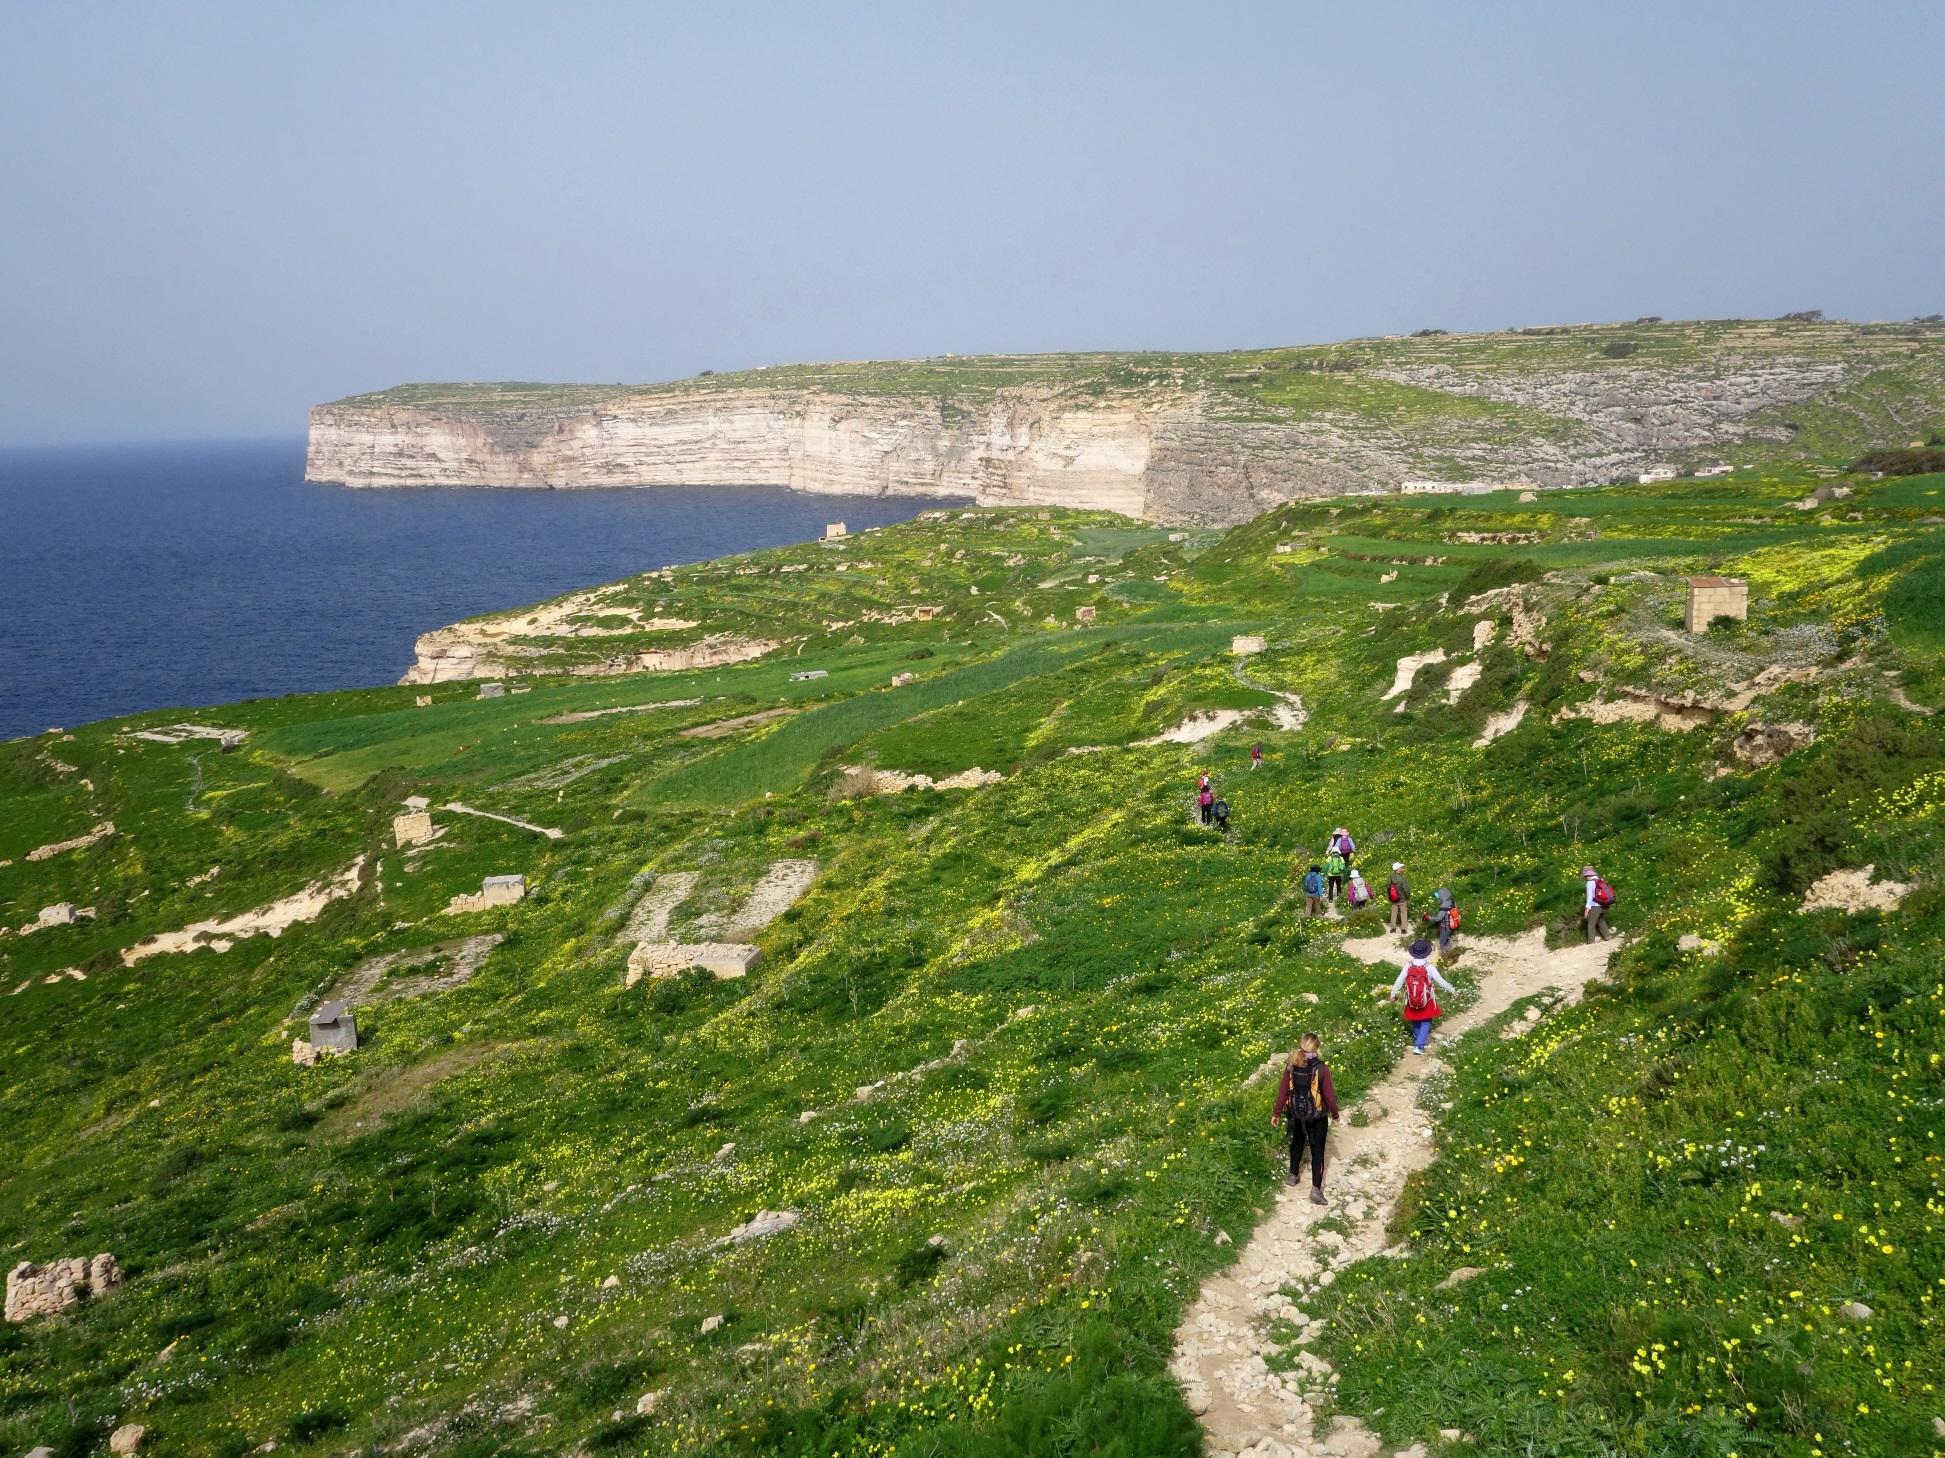 2月21日出発「地中海の中央に浮かぶ島マルタ諸島のハイキング 8日間」